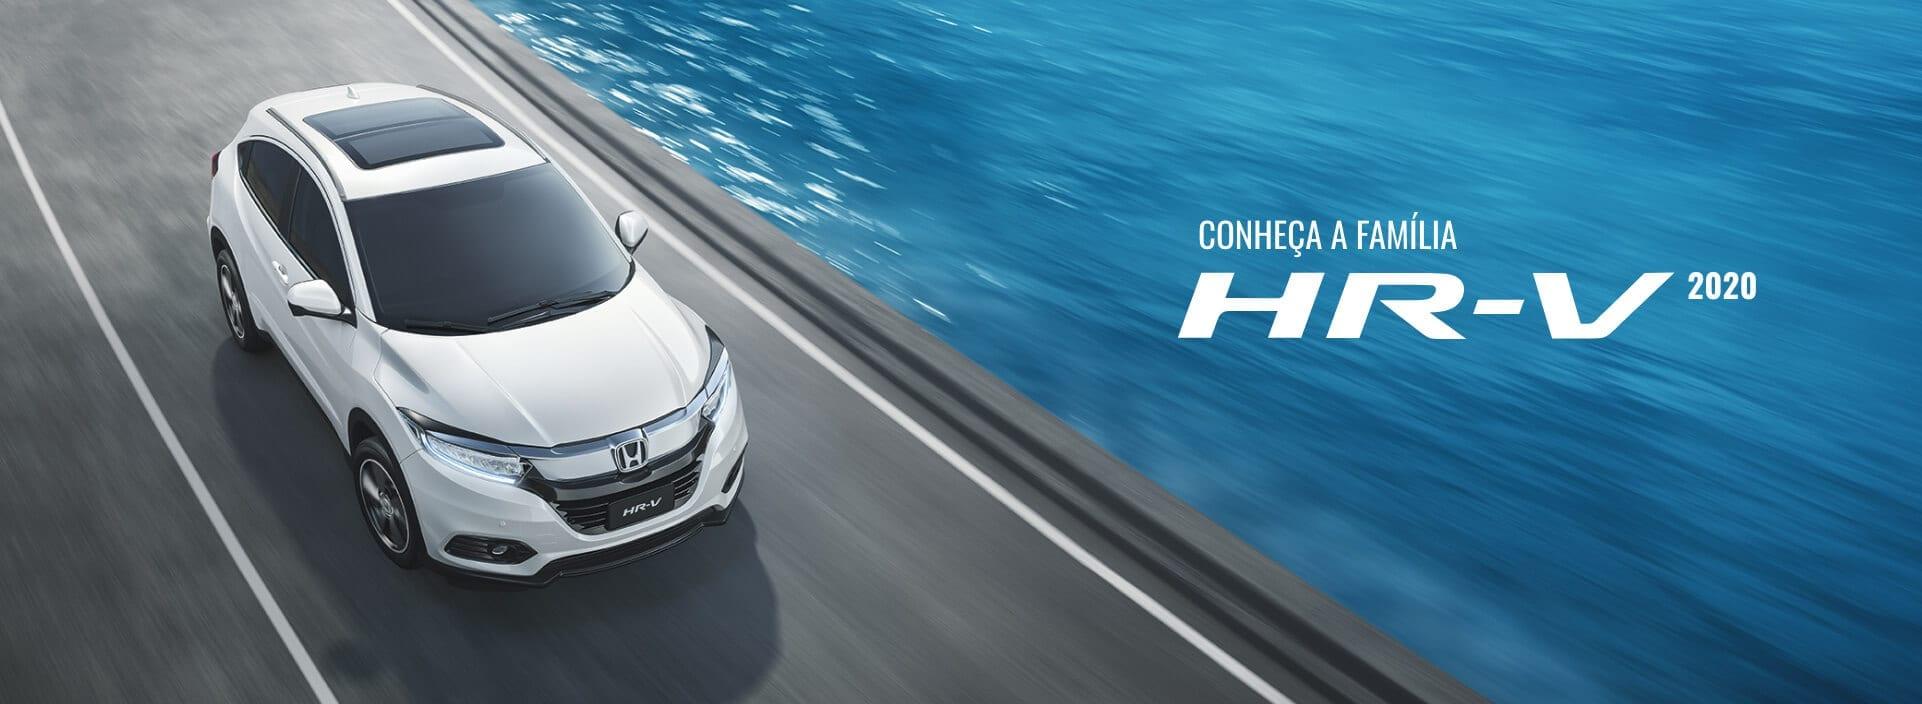 Honda Shori HR-V hero hrv